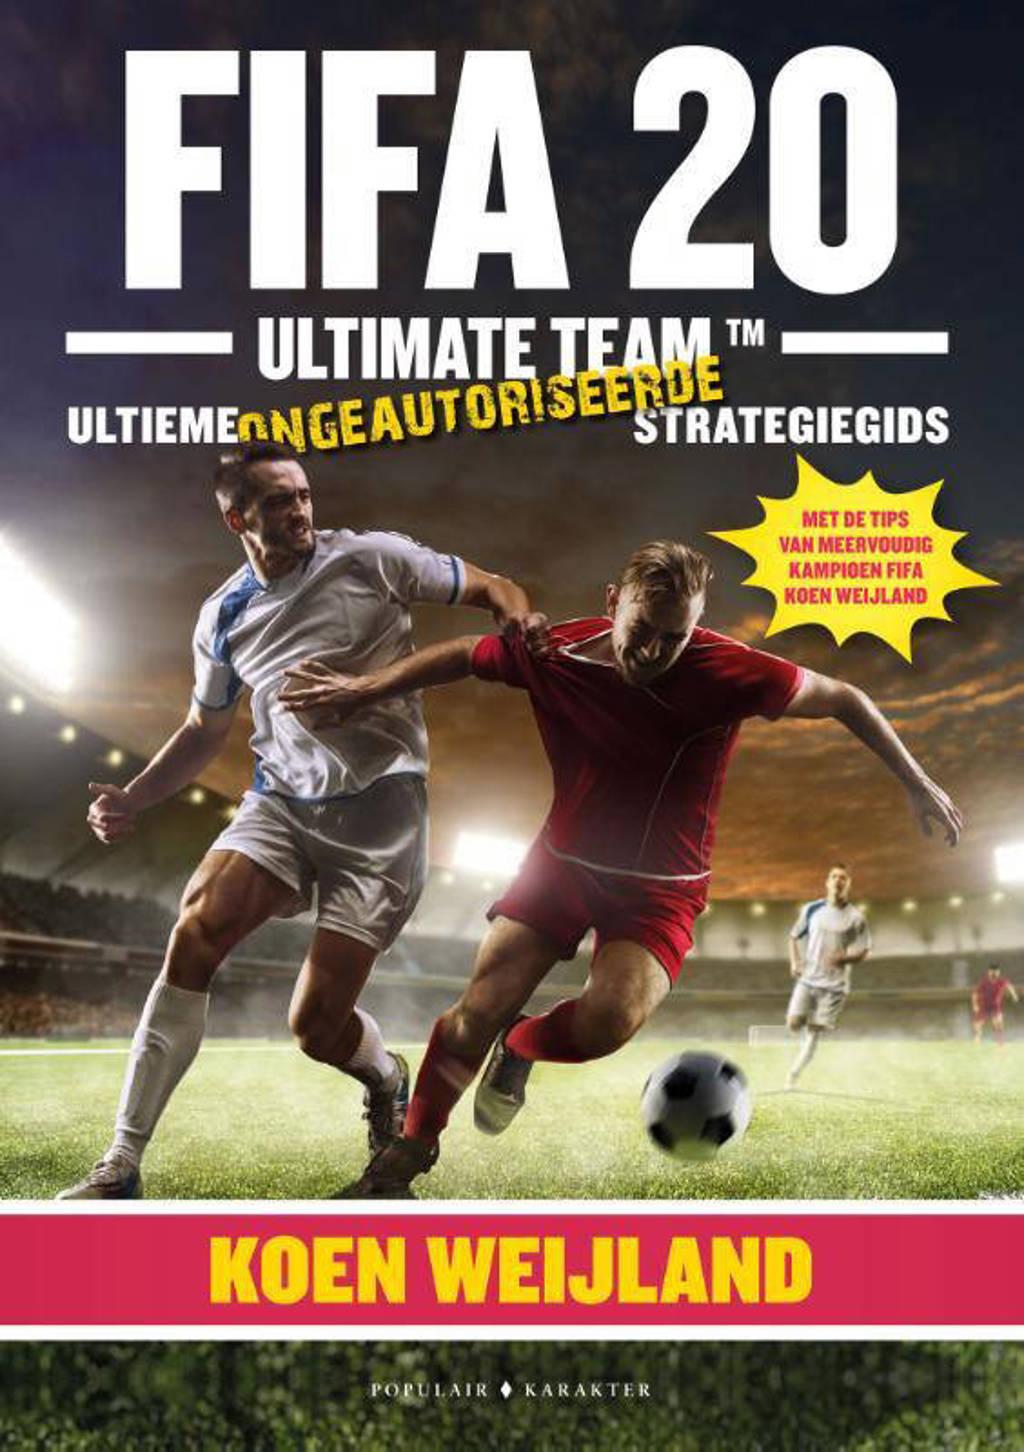 Fifa20 Ultimate Team - Koen Weijland